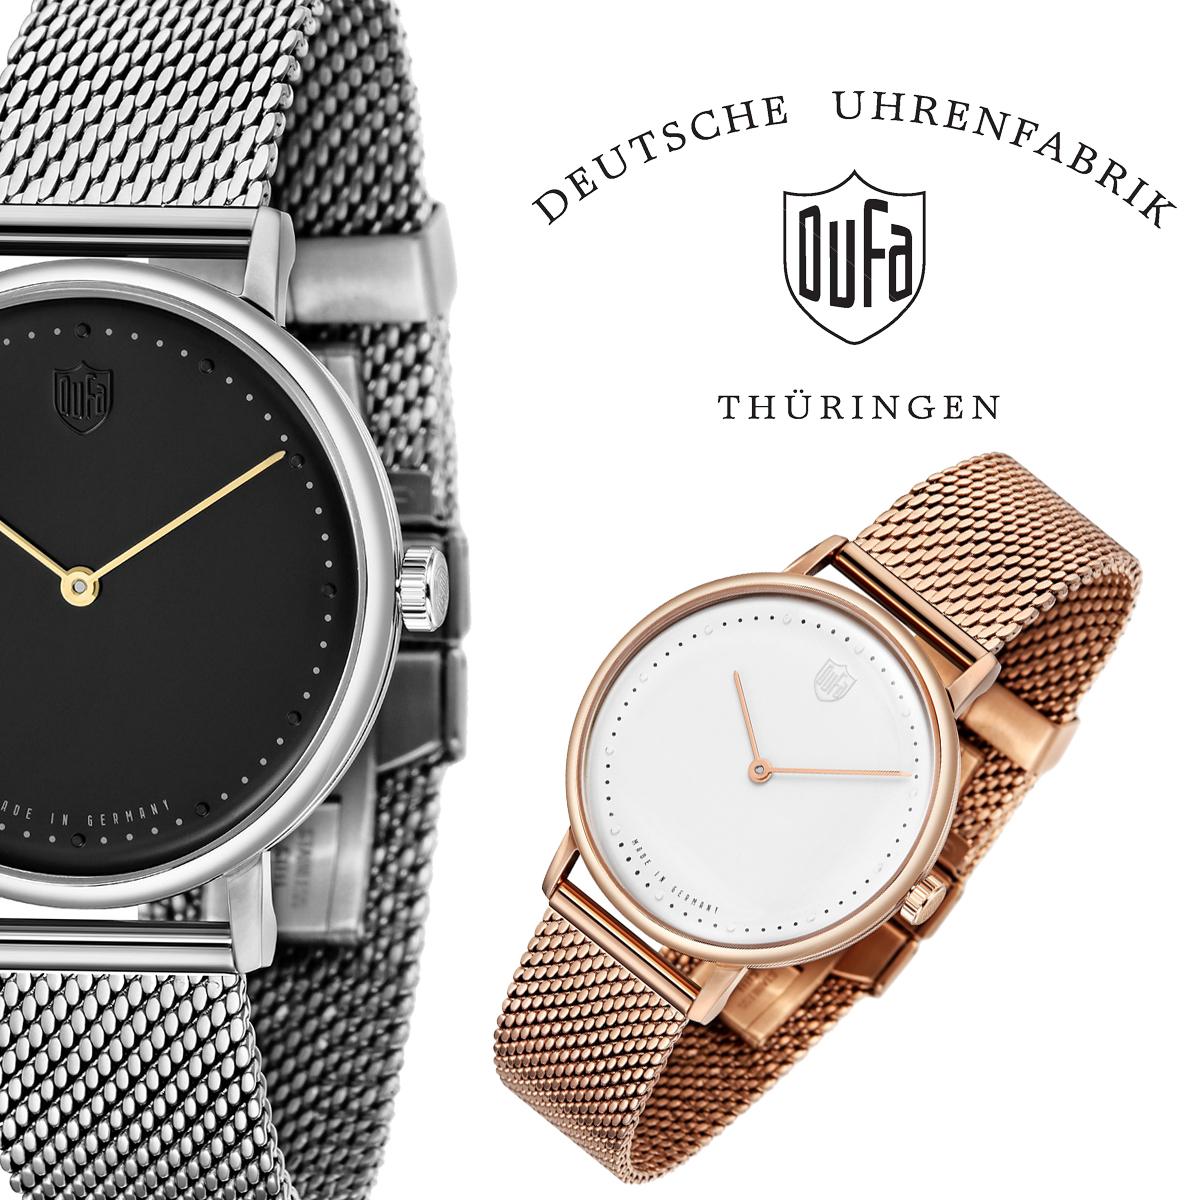 【全品送料無料】 DUFA ドゥッファ DUFA GROPIUS 2hands 時計 腕時計 メンズ レディース 男性 女性 ホワイト ブラック